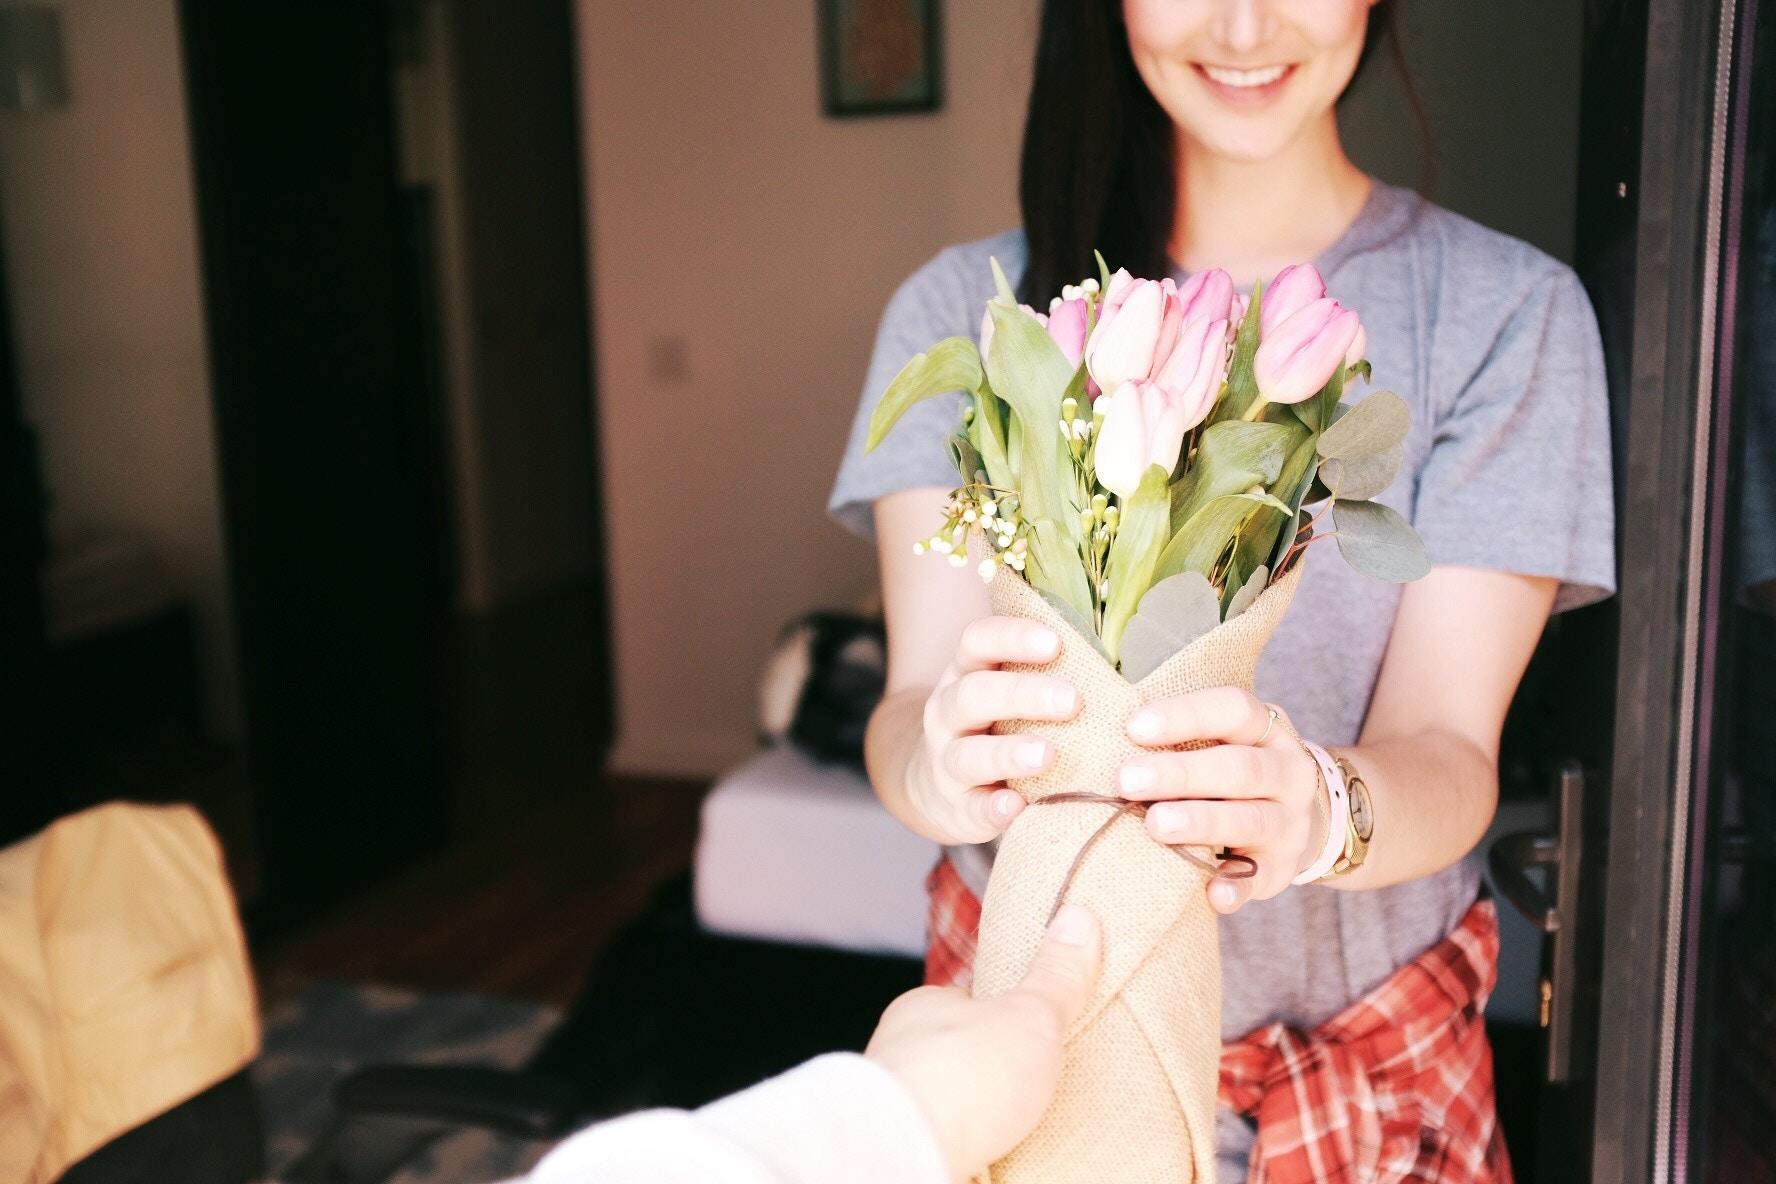 女性に花束をプレゼント